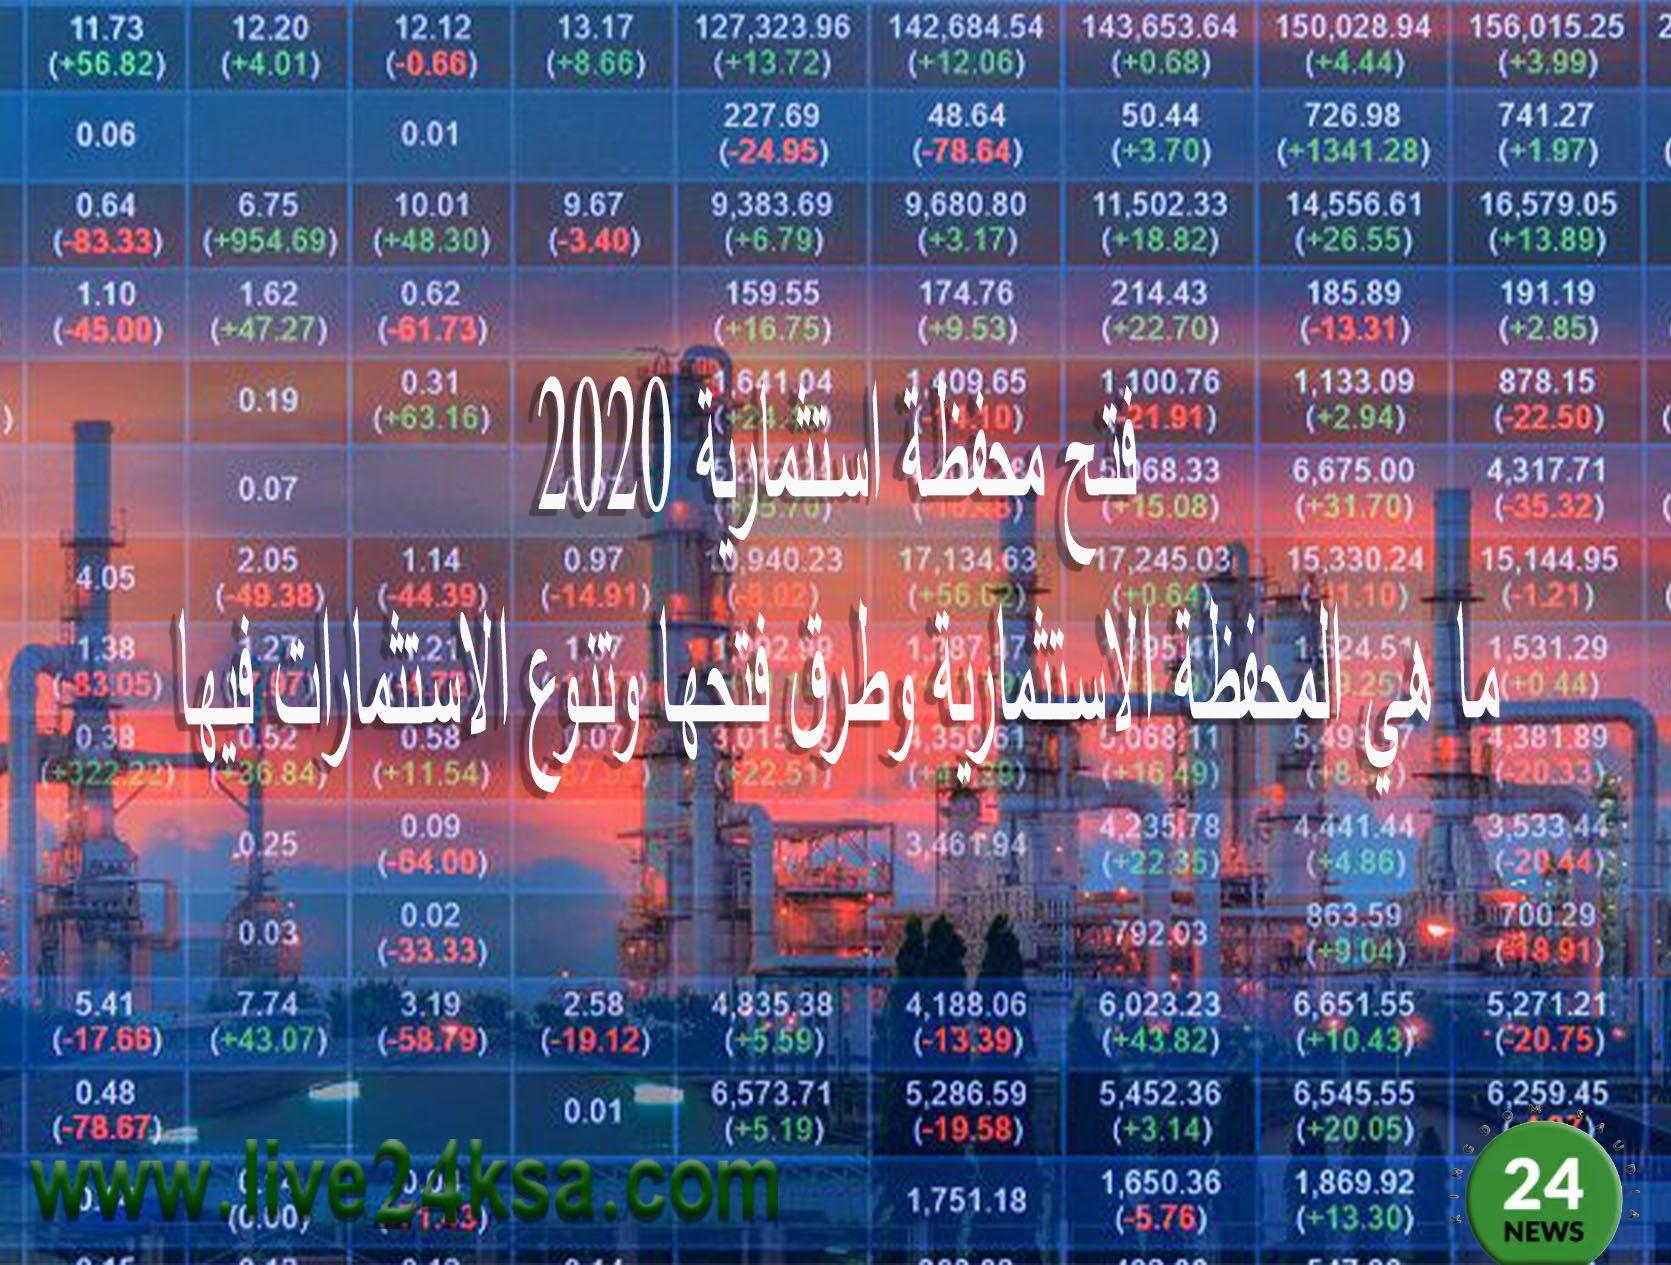 فتح محفظة استثمارية 2020 ما هي المحفظة الاستثمارية وطرق فتحها وتنوع الاستثمارات فيها